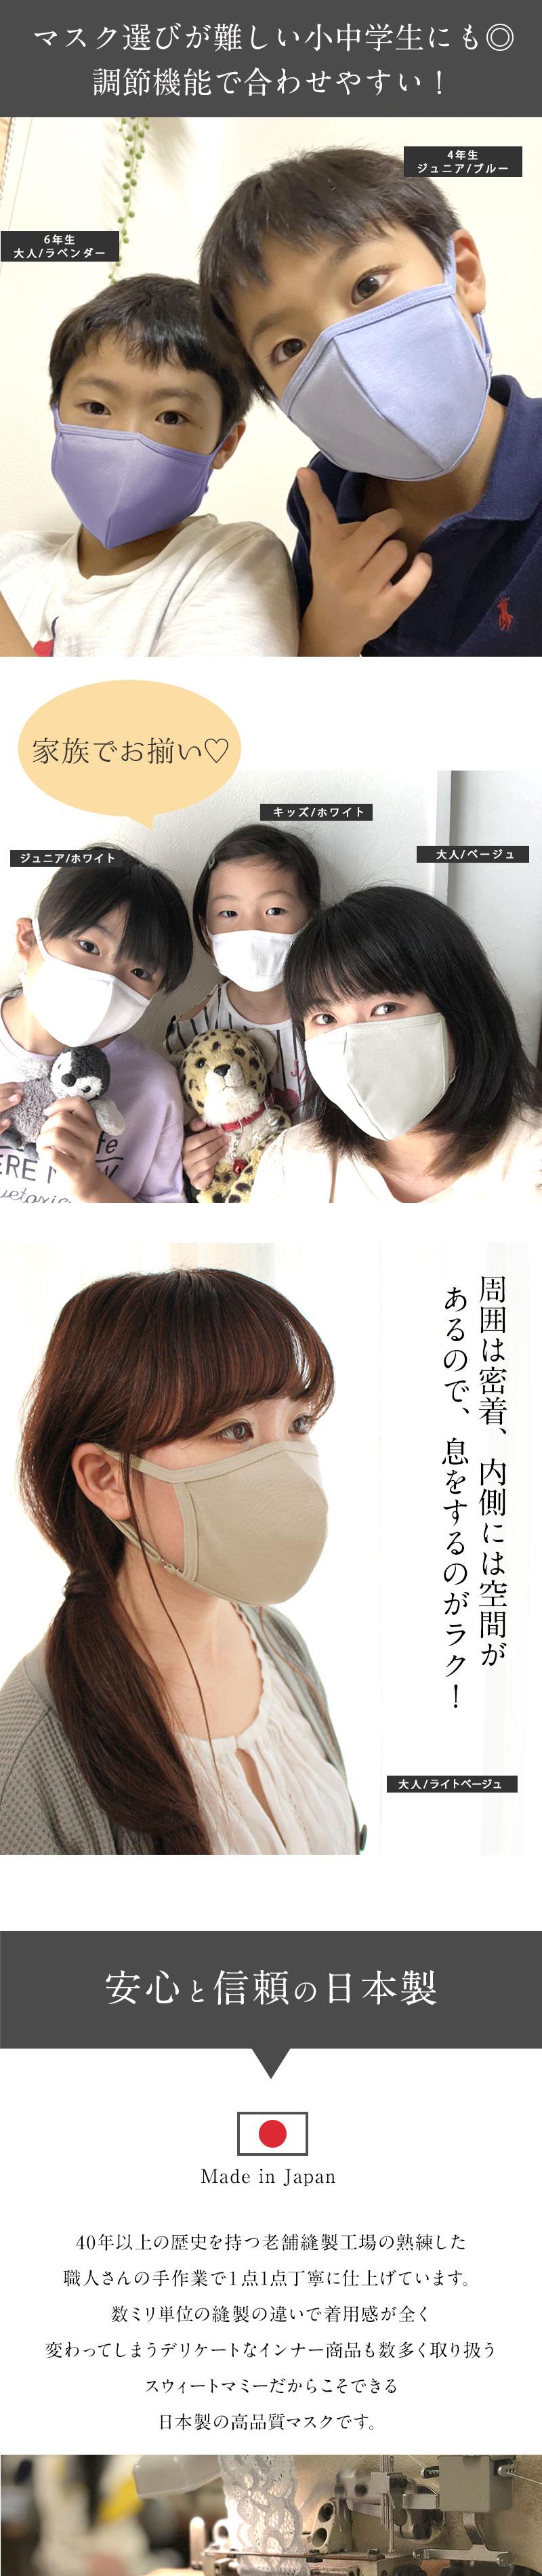 お子様にもピッタリサイズの3Dマスク